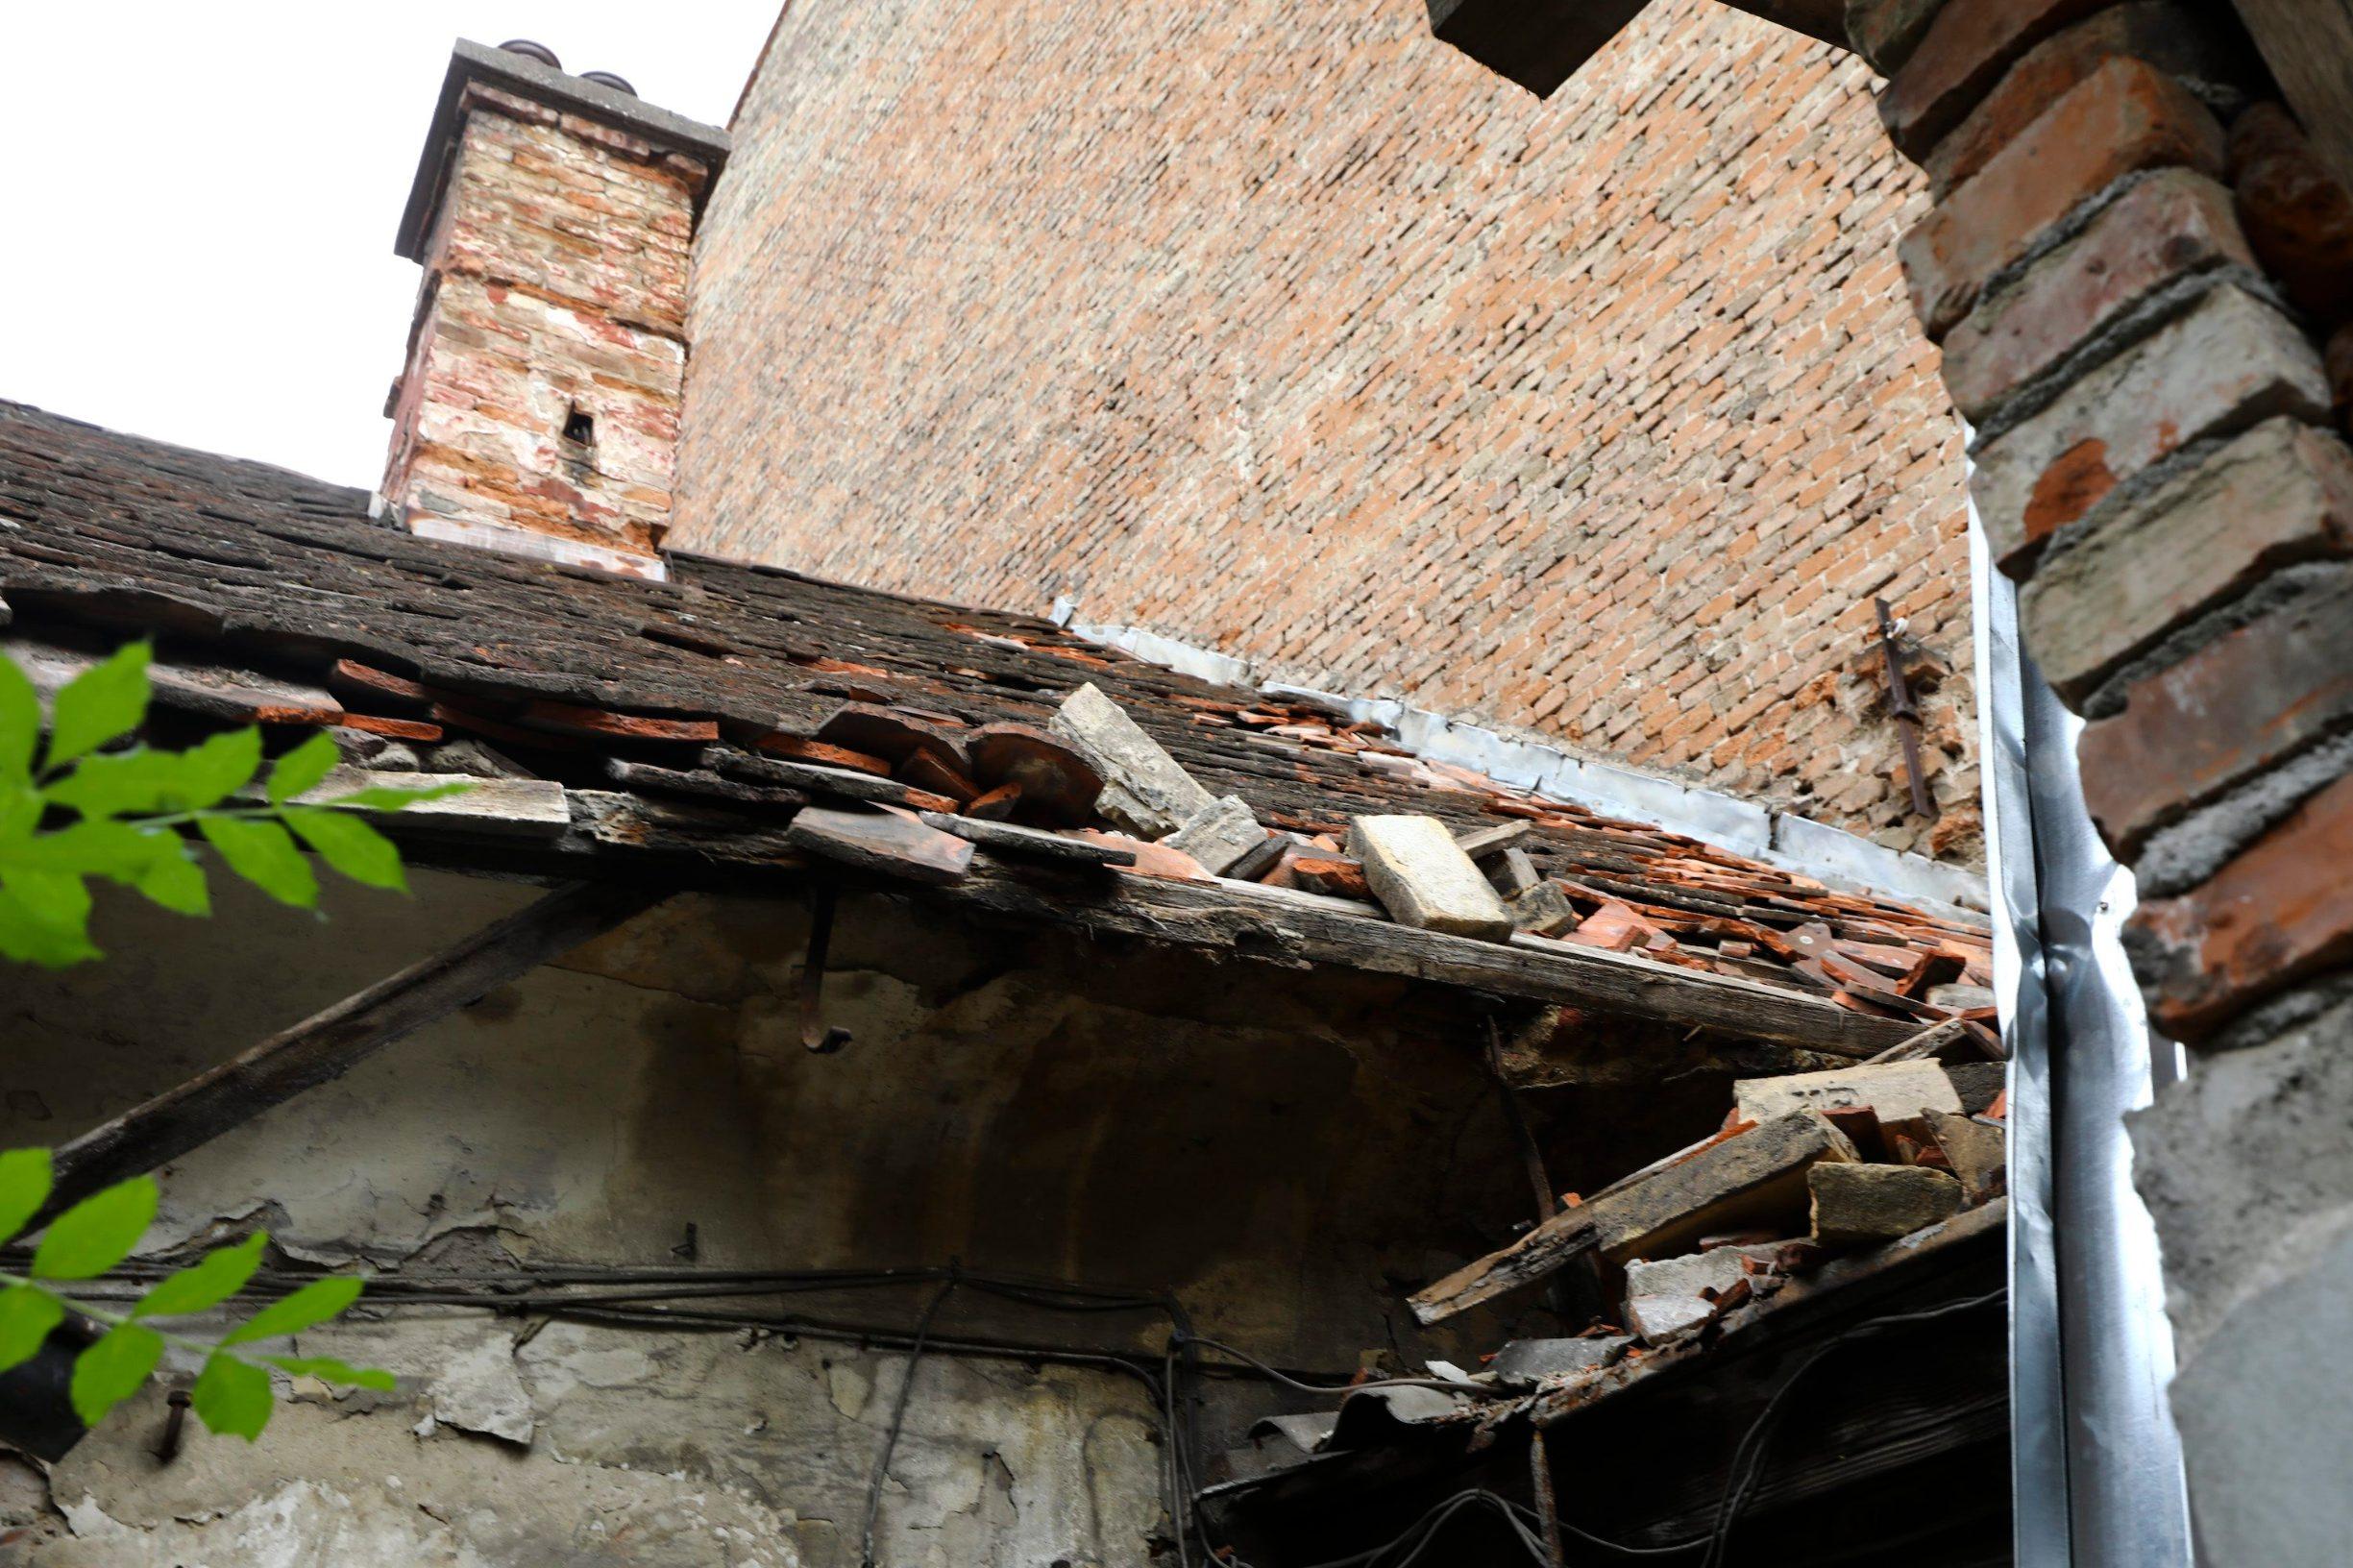 Zagreb, 140520. Branjugova 2. Na staru kucu srusila se cigla sa kuce pokraj nje. Foto: Zeljko Puhovski / CROPIX